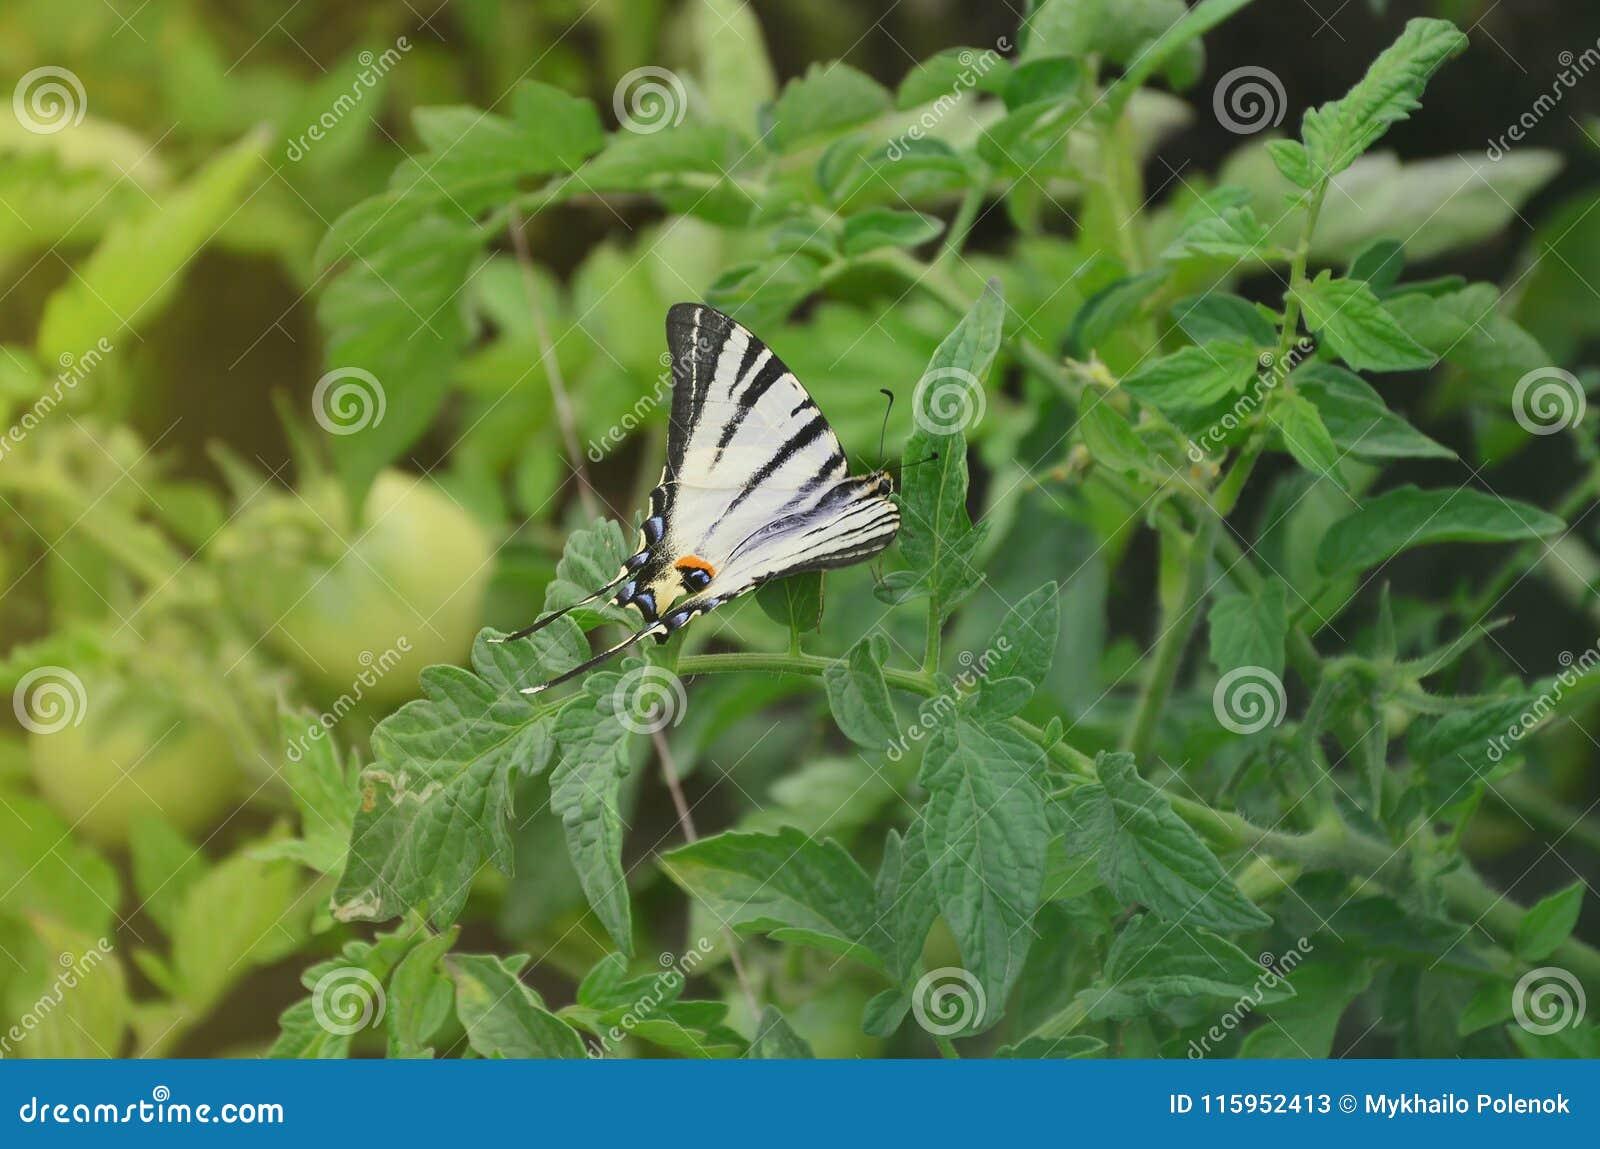 Rzadkiego swallowtail Iphiclides podalirius rzadki europejski motyl siedzi na krzakach kwitnący tomat